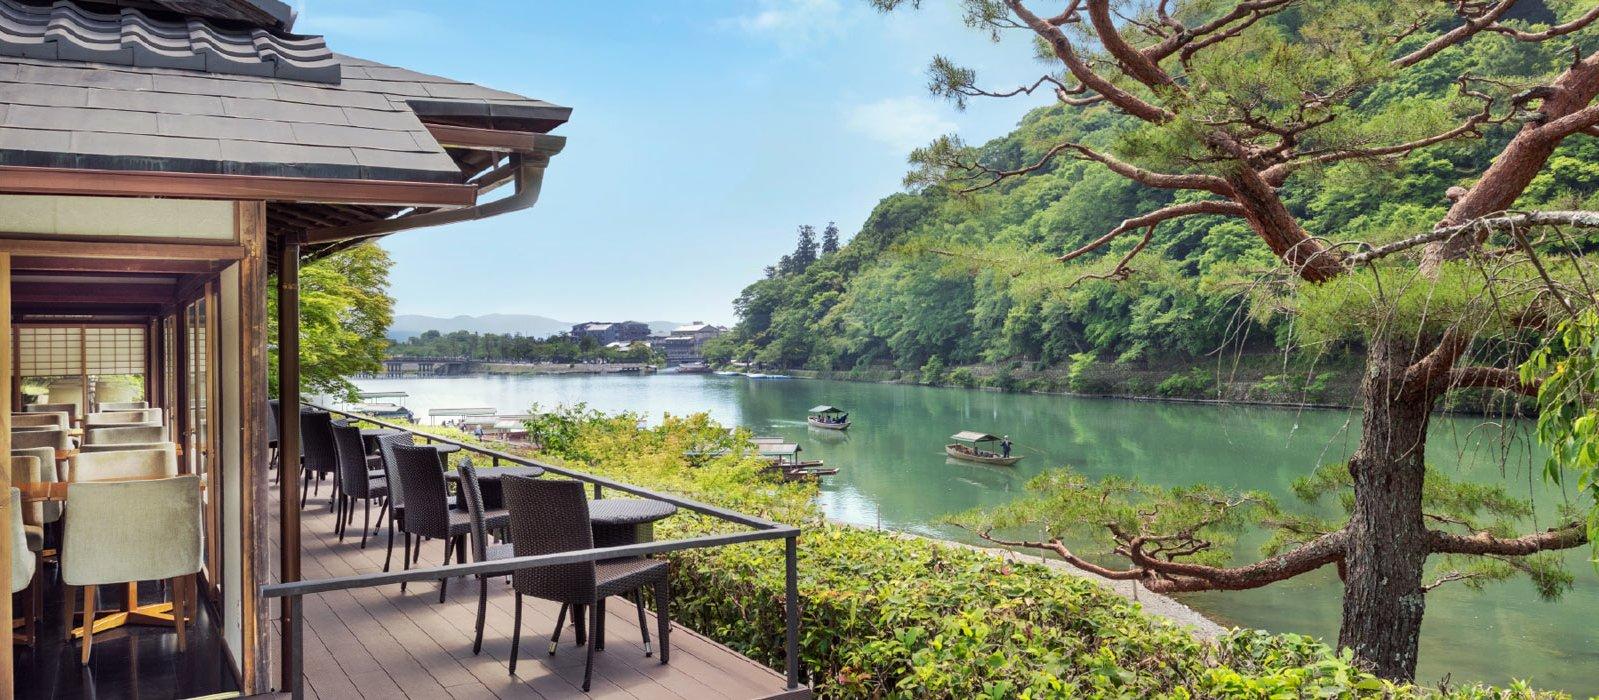 suiran-hotel-kyoto-river-terrace